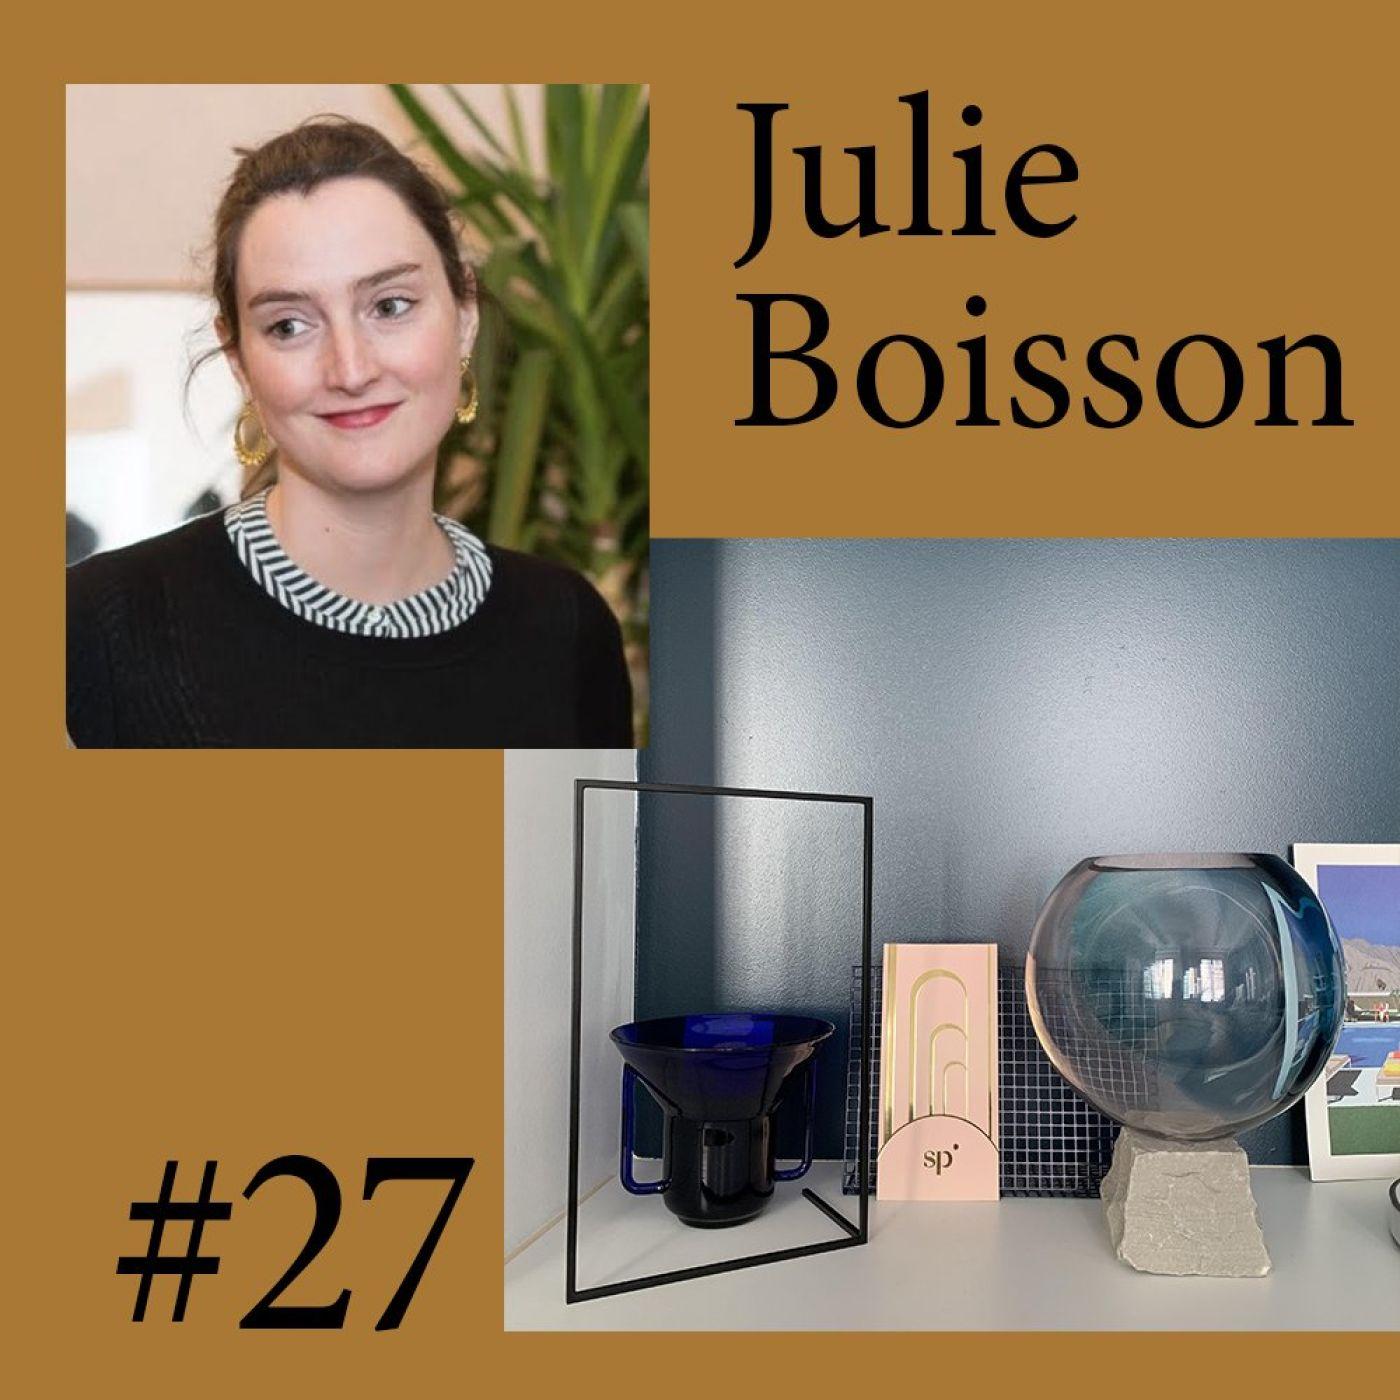 """#27 Julie Boisson (Sparkling Presse) """"La relation prime avant tout """""""